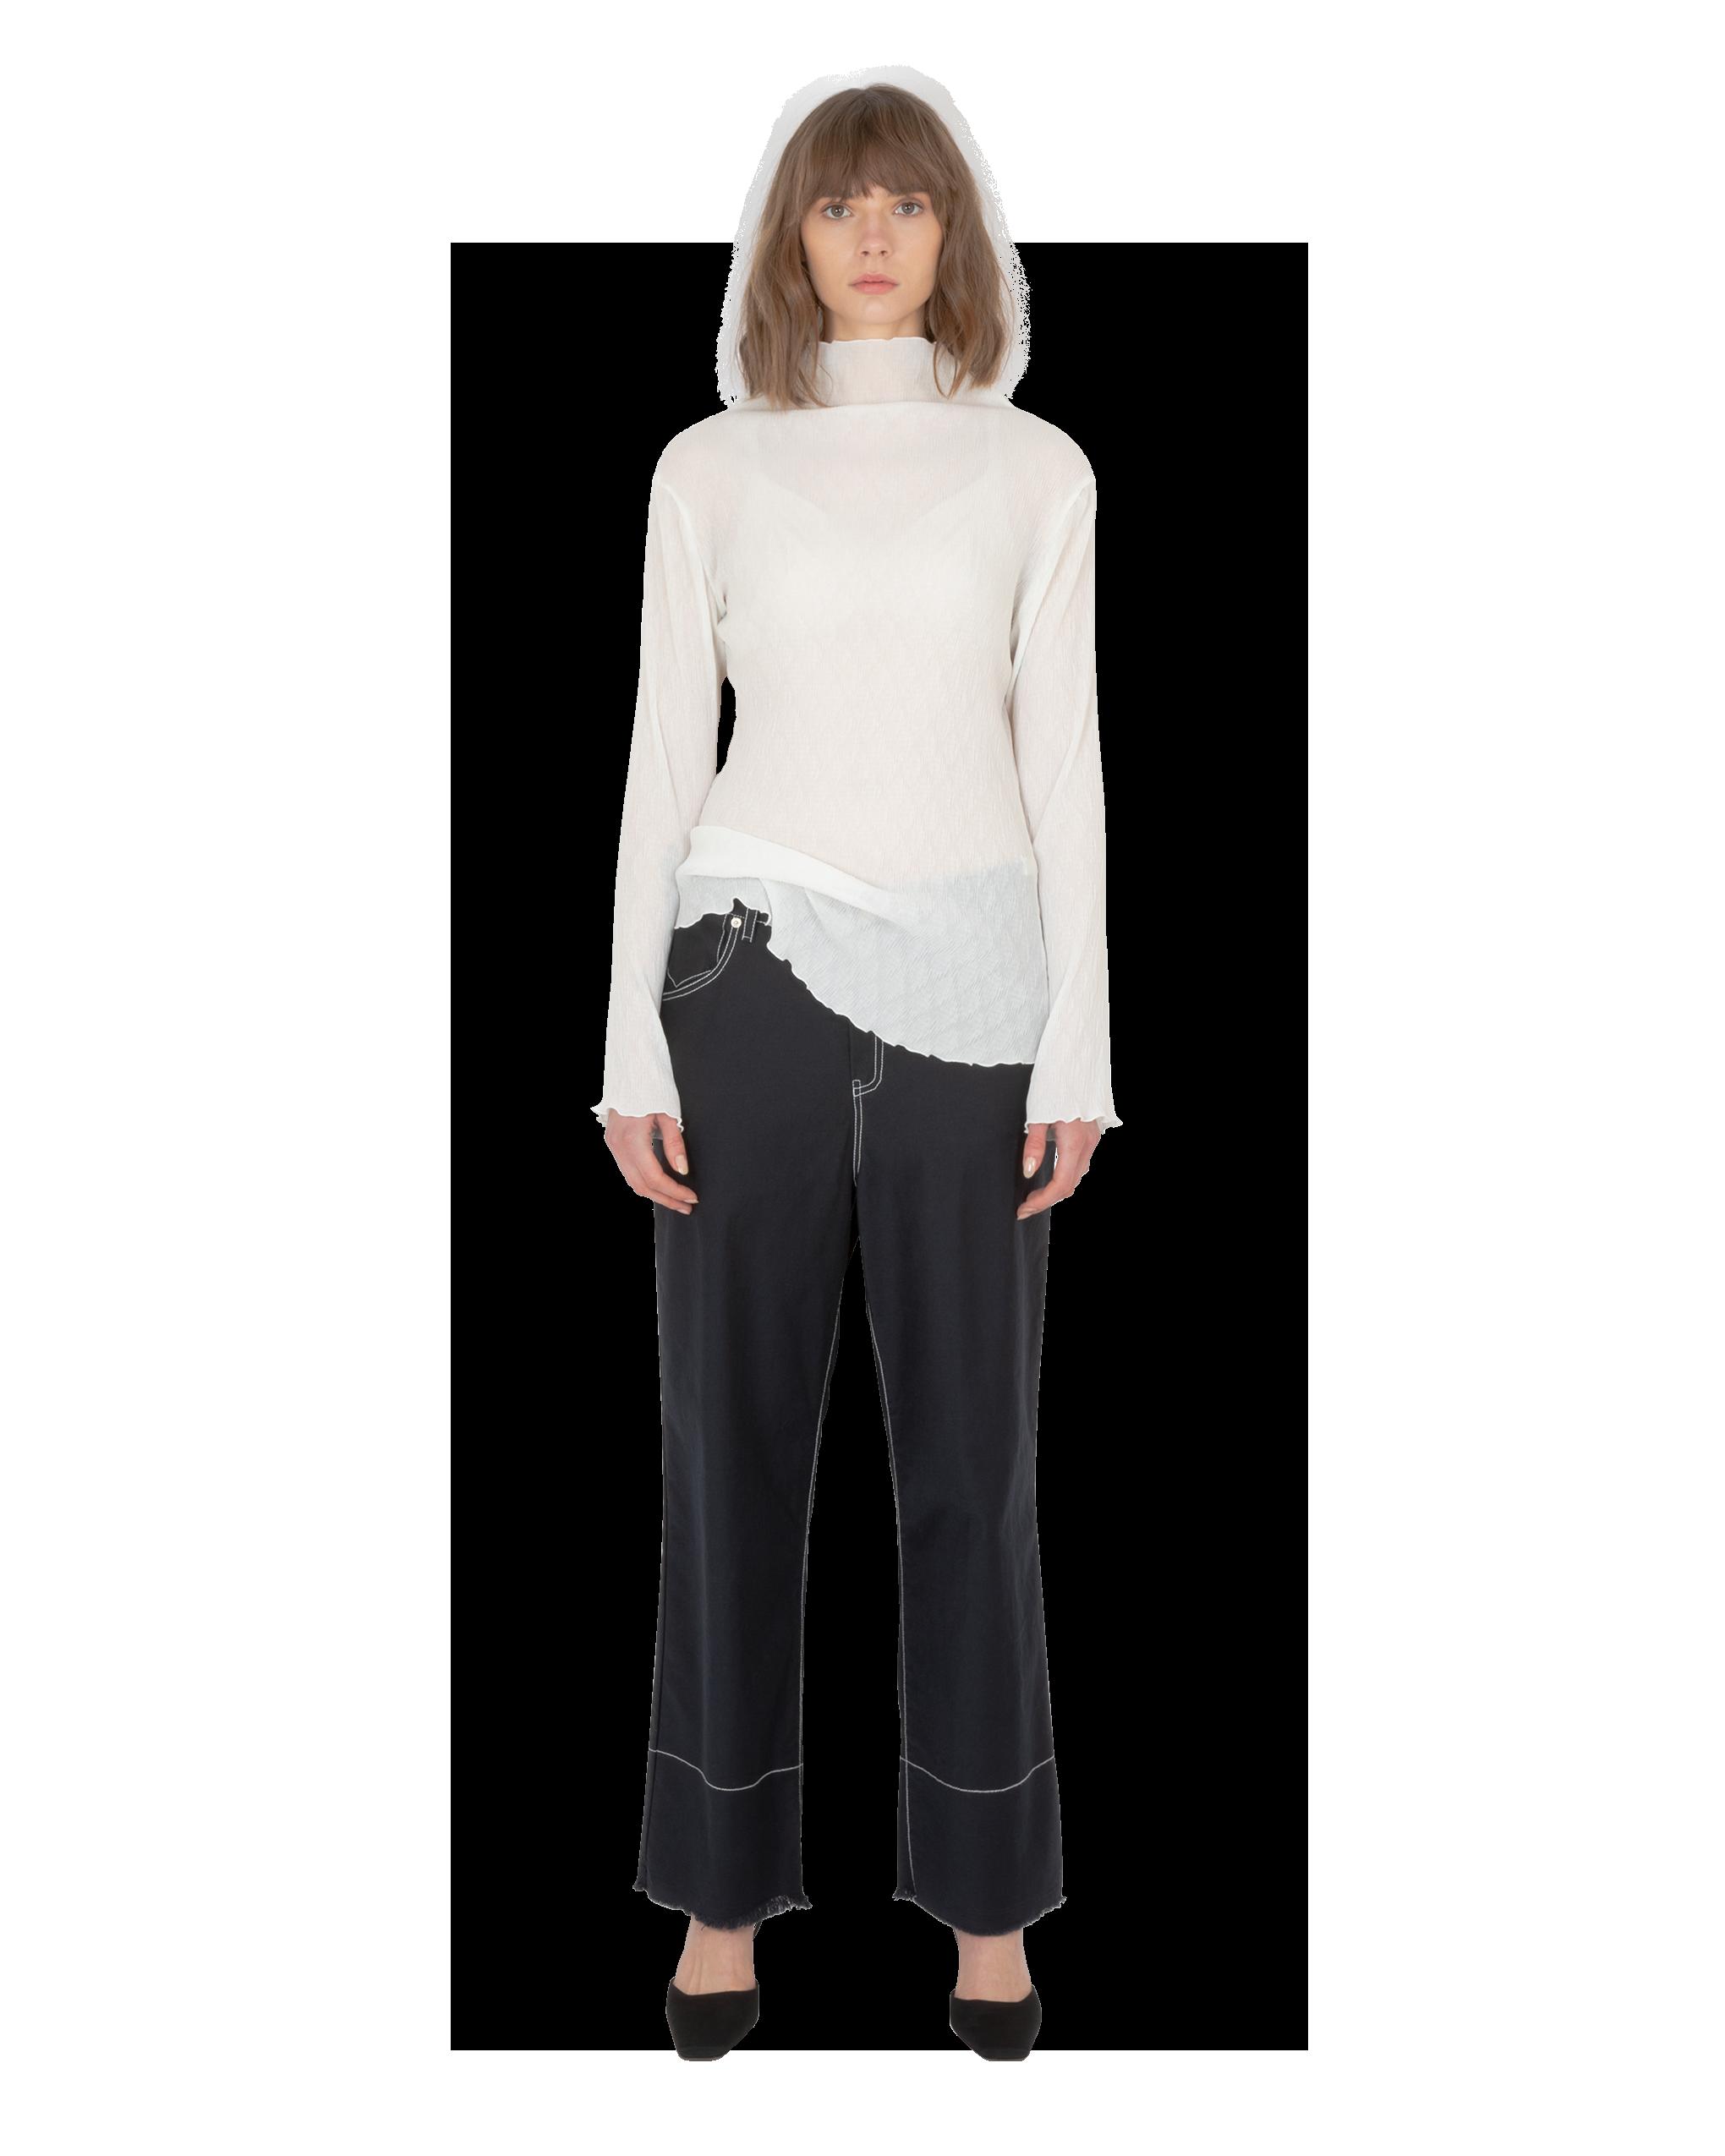 Model wearing EMIN + PAUL white lettuce edge blouse.